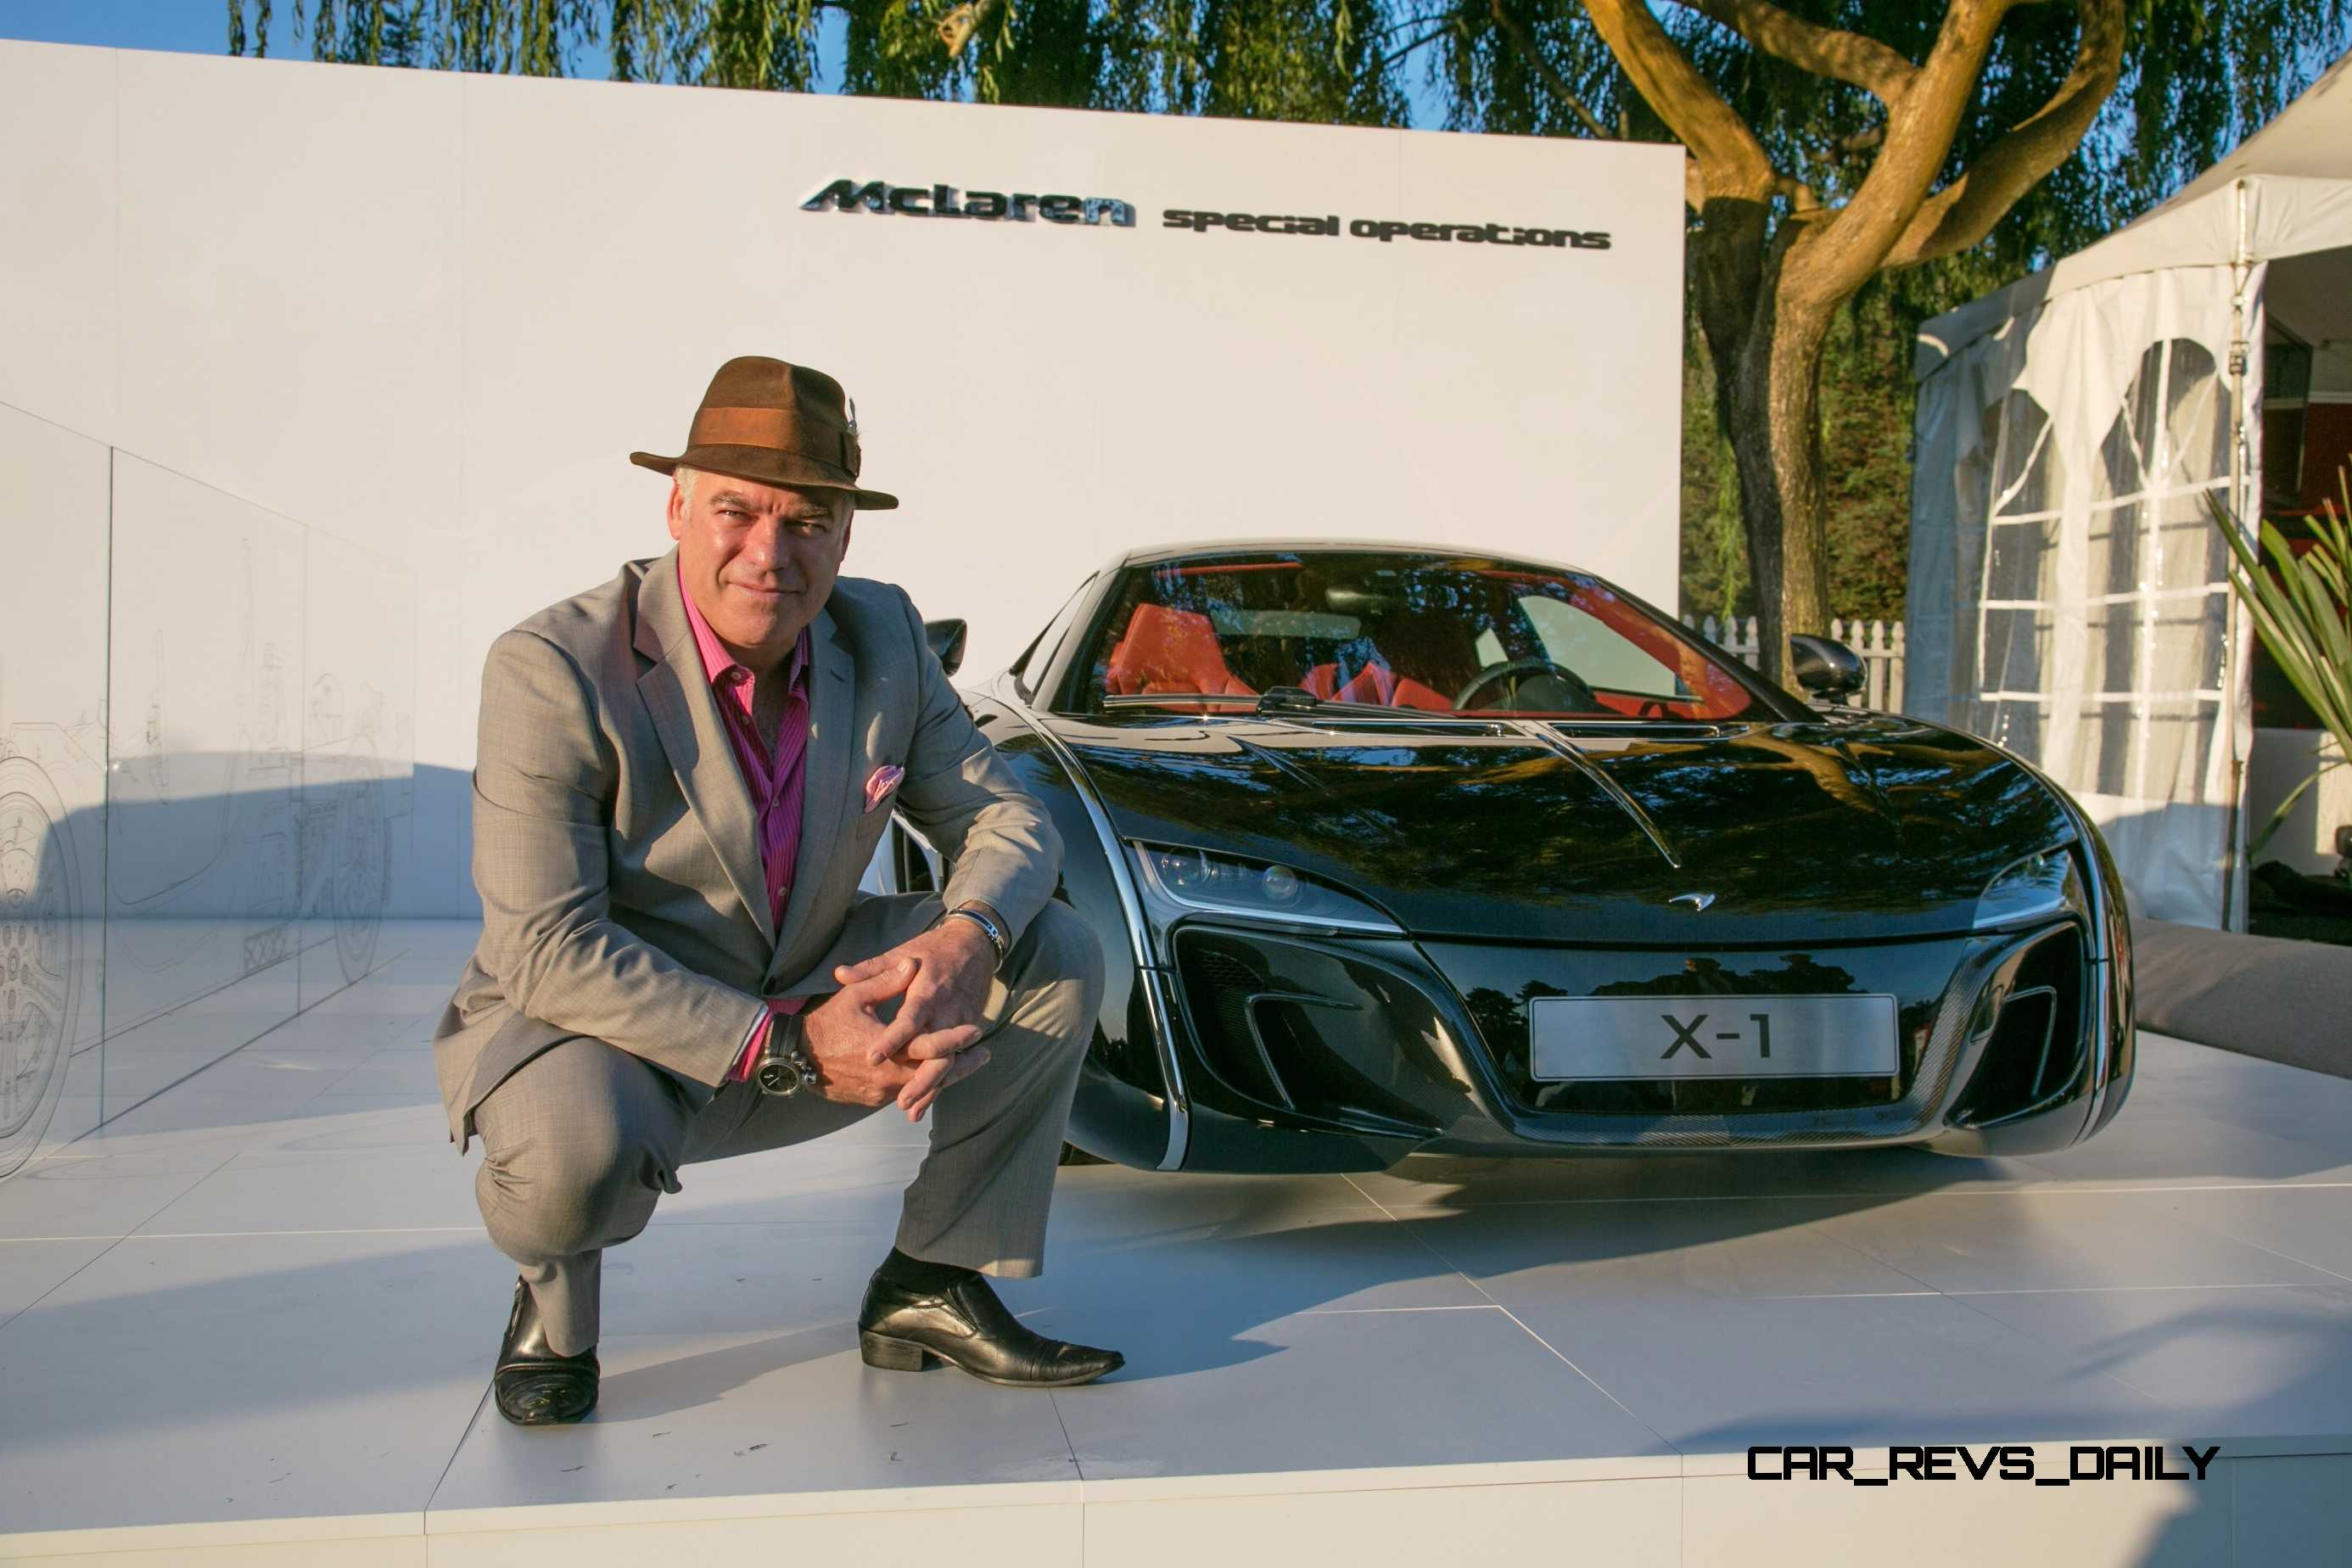 http://www.car-revs-daily.com/wp-content/uploads/2014/12/2012-McLaren-X-1-5.jpg